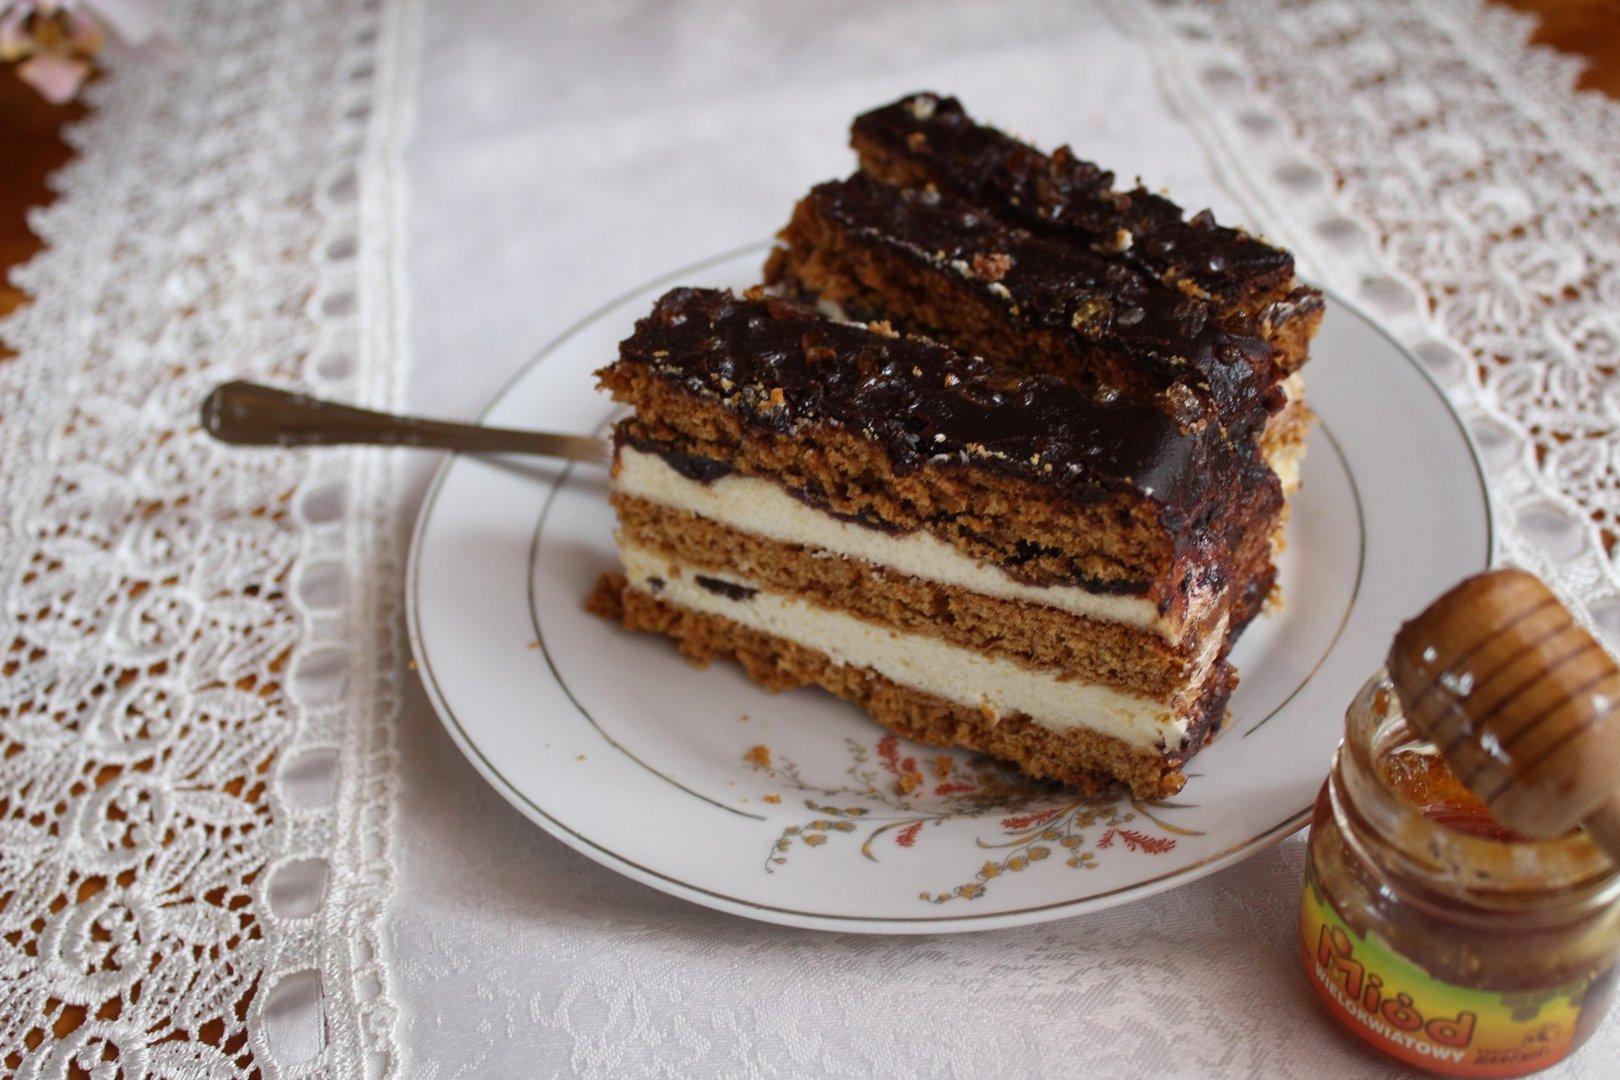 Ciasta Na Swieta Ciasto Miodownik Kola Gospodyn Wiejskich Przepis